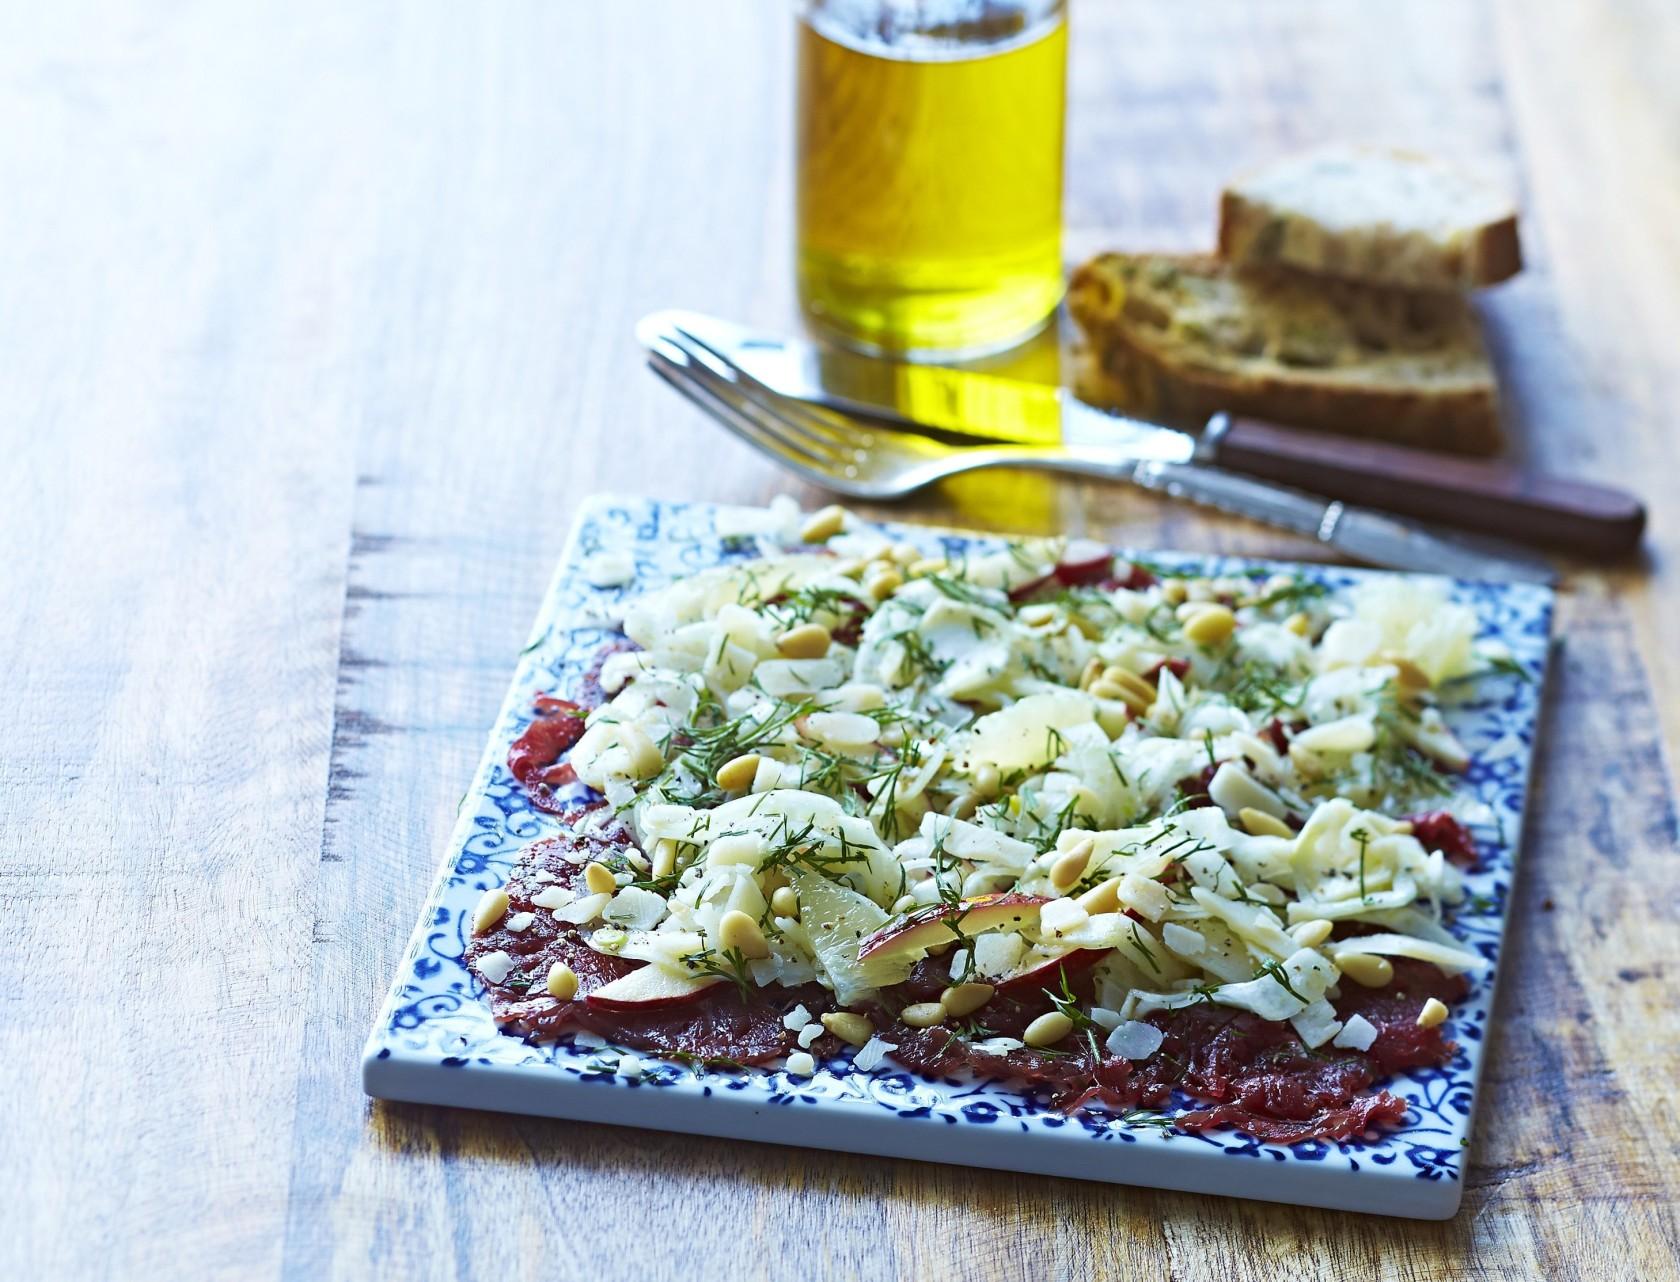 Lækker forret af carpaccio med fennikel.